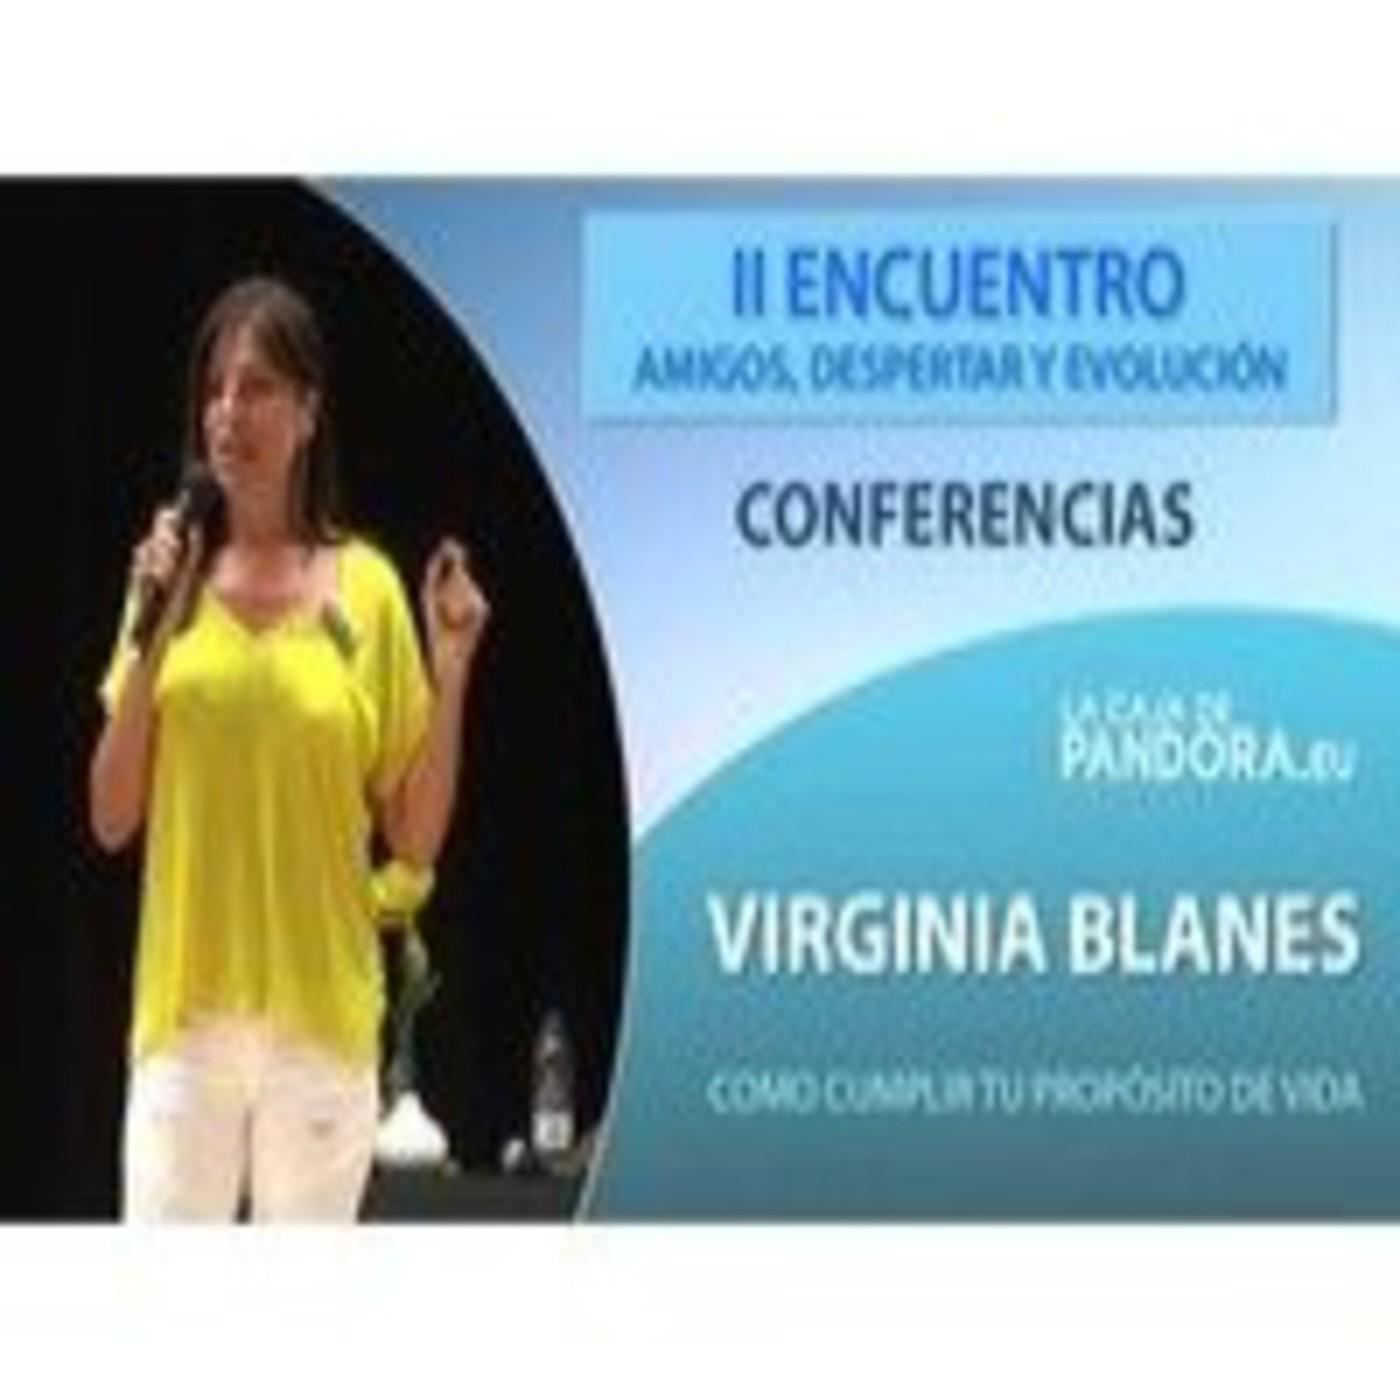 Como cumplir tu propósito de vida – Virginia Blanes… II ENCUENTRO AMIGOS, DESPERTAR Y EVOLUCIÓN